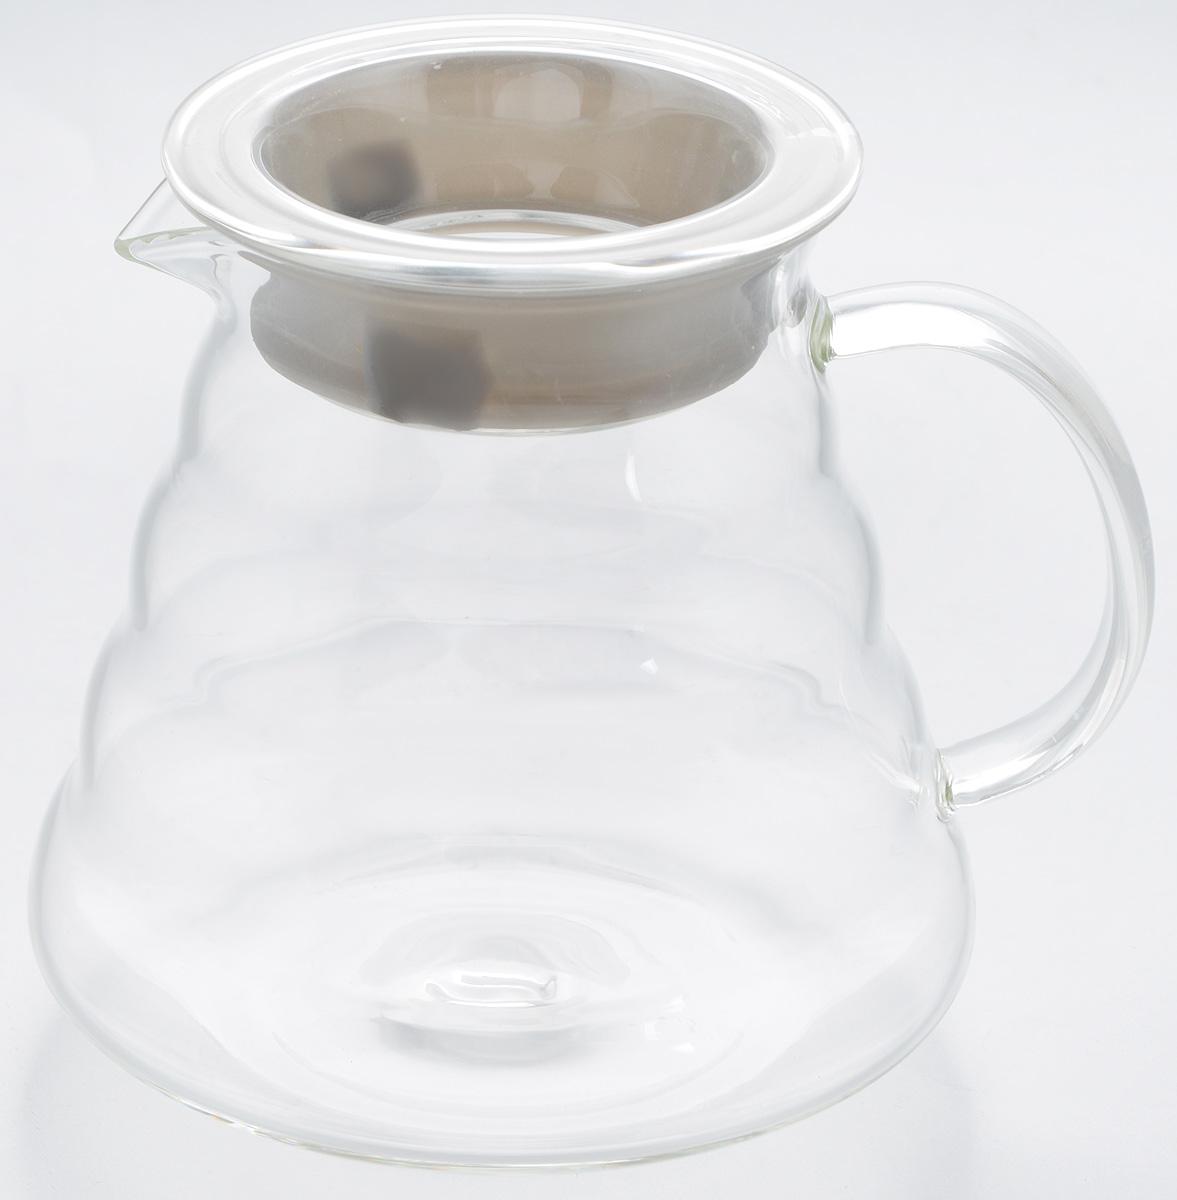 Чайник заварочный Hunan Provincial Тама, 500 мл15052Заварочный чайник Hunan Provincial Тама изготовлен из стекла. Пить чай из такого чайника сплошное удовольствие! Полностью прозрачная форма позволяет любоваться цветом своего любимого напитка. В этом чайнике не предусмотрена колба для заваривания чая. Крышка надежно крепится с помощью силиконовой вставки, и не может выпасть даже если чайник перевернуть кверху дном. Именно поэтому данный чайник является лучшей сервировочной посудой для связанного чая и фруктово-ягодных настоев. Диаметр чайника (по верхнему краю): 7,5 см. Высота чайника (без учета крышки): 11 см. Высота чайника (с учетом крышки): 11,5 см.